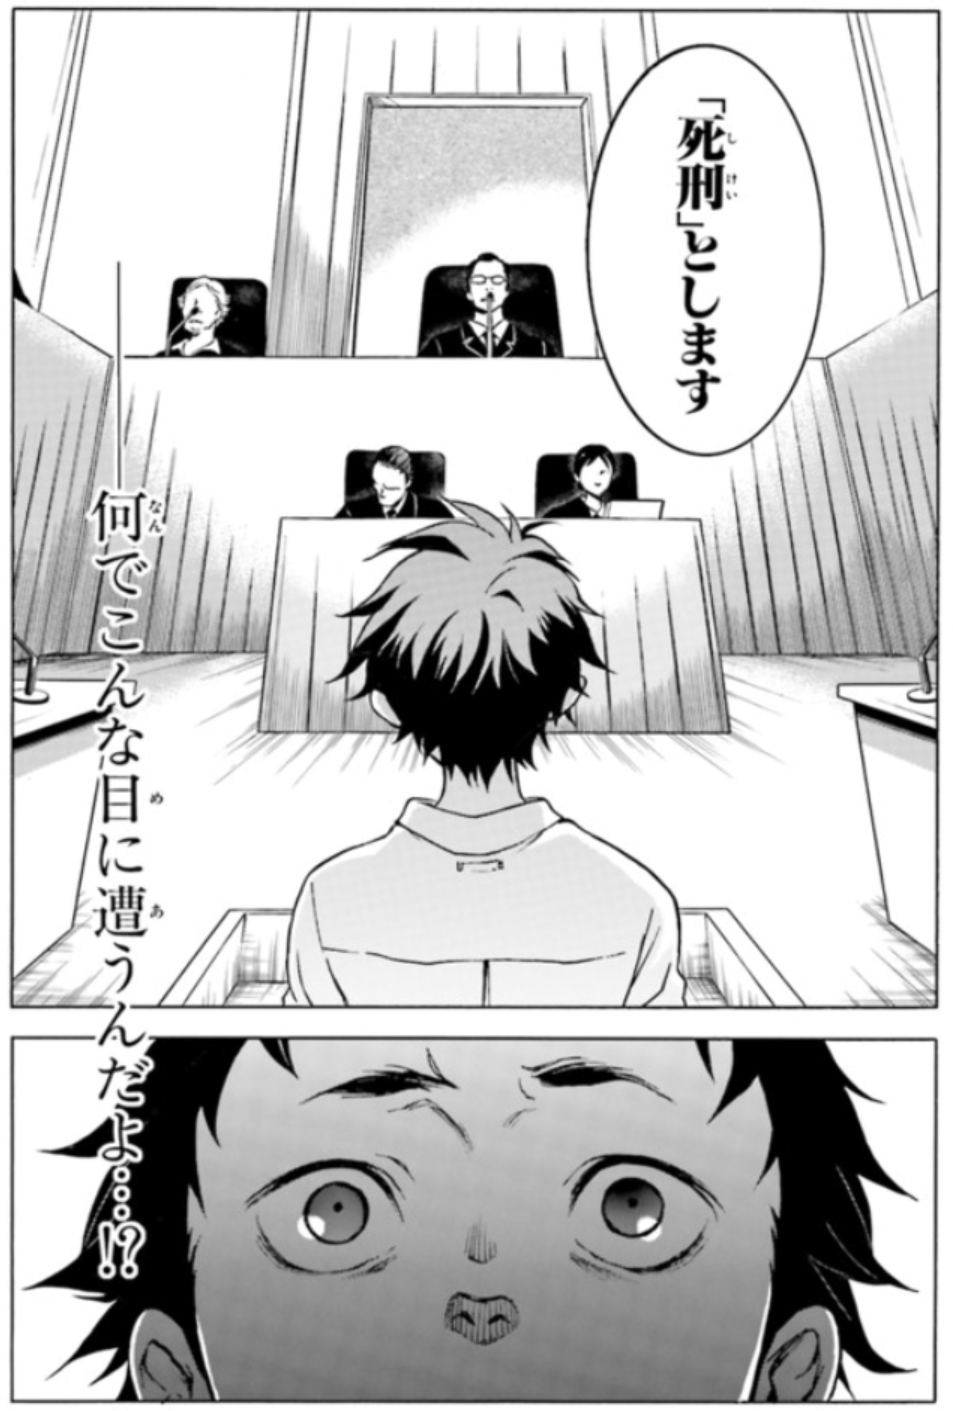 漫画『デッドマン・ワンダーランド』の登場人物:五十嵐丸太